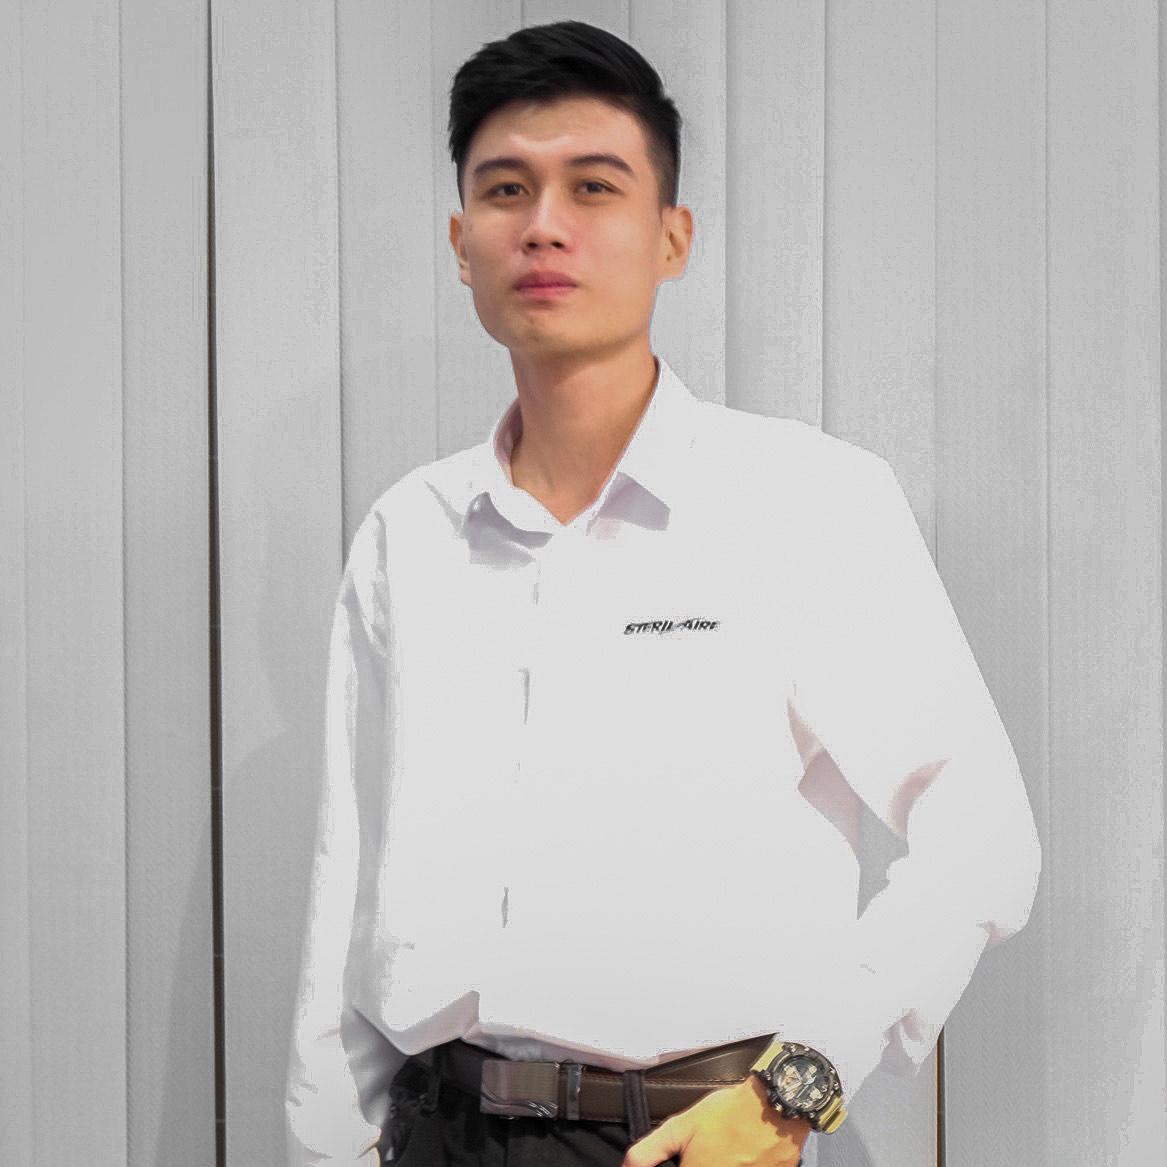 Huỳnh Ngọc Hữu Đạt